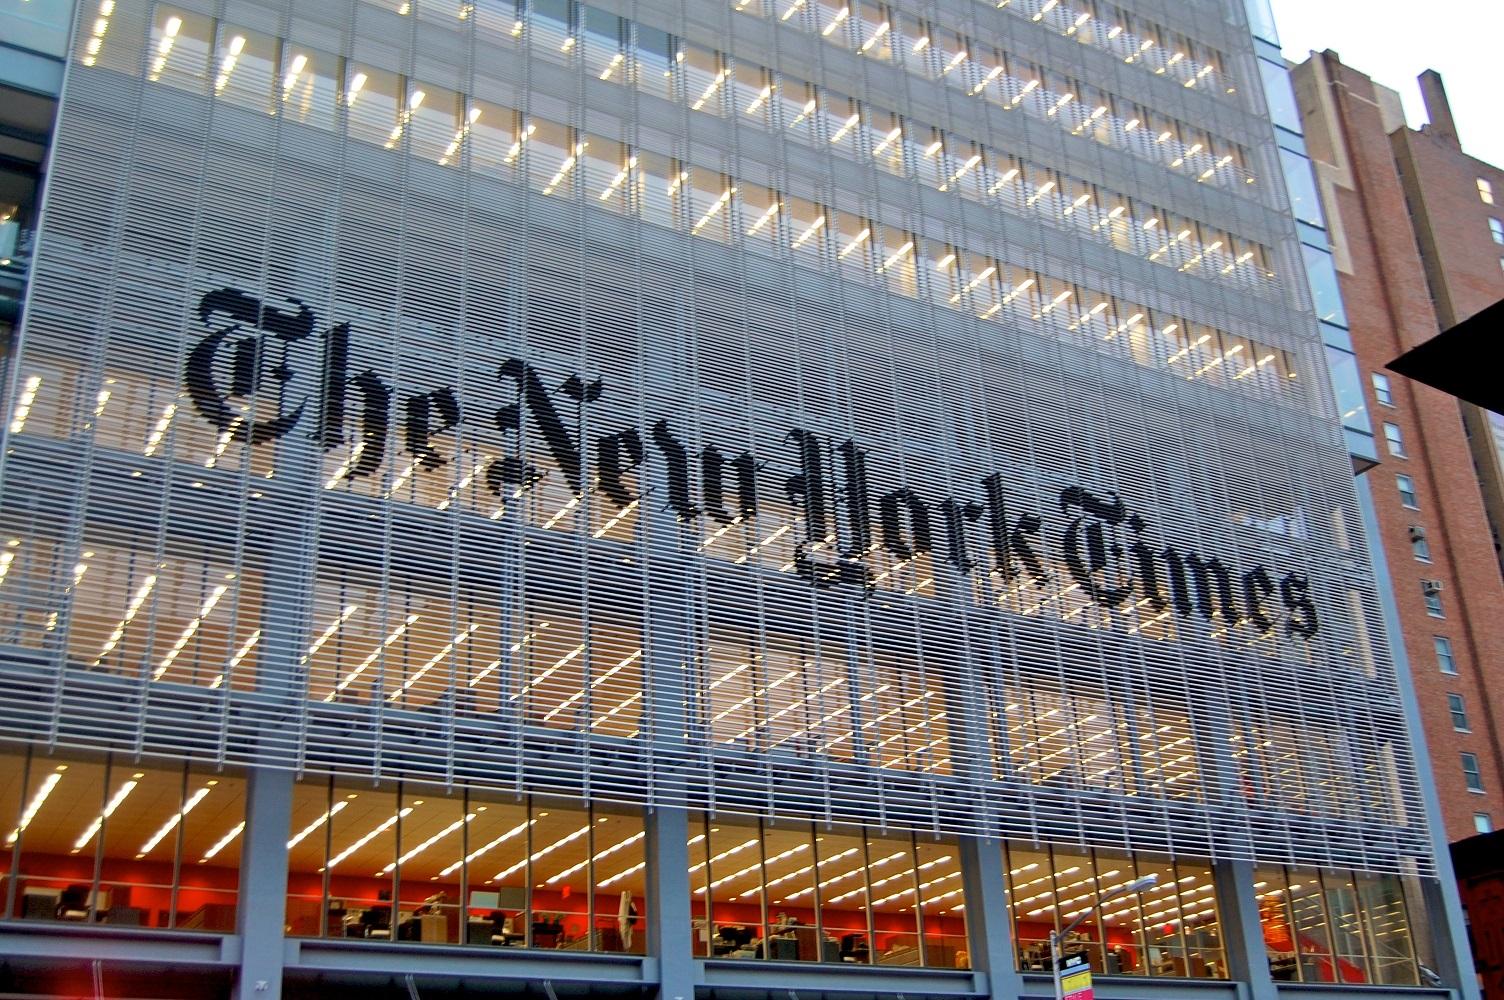 'Ndrangheta, figli dei mafiosi allontanati dalle famiglieSul New York Times la scelta del magistrato di Reggio